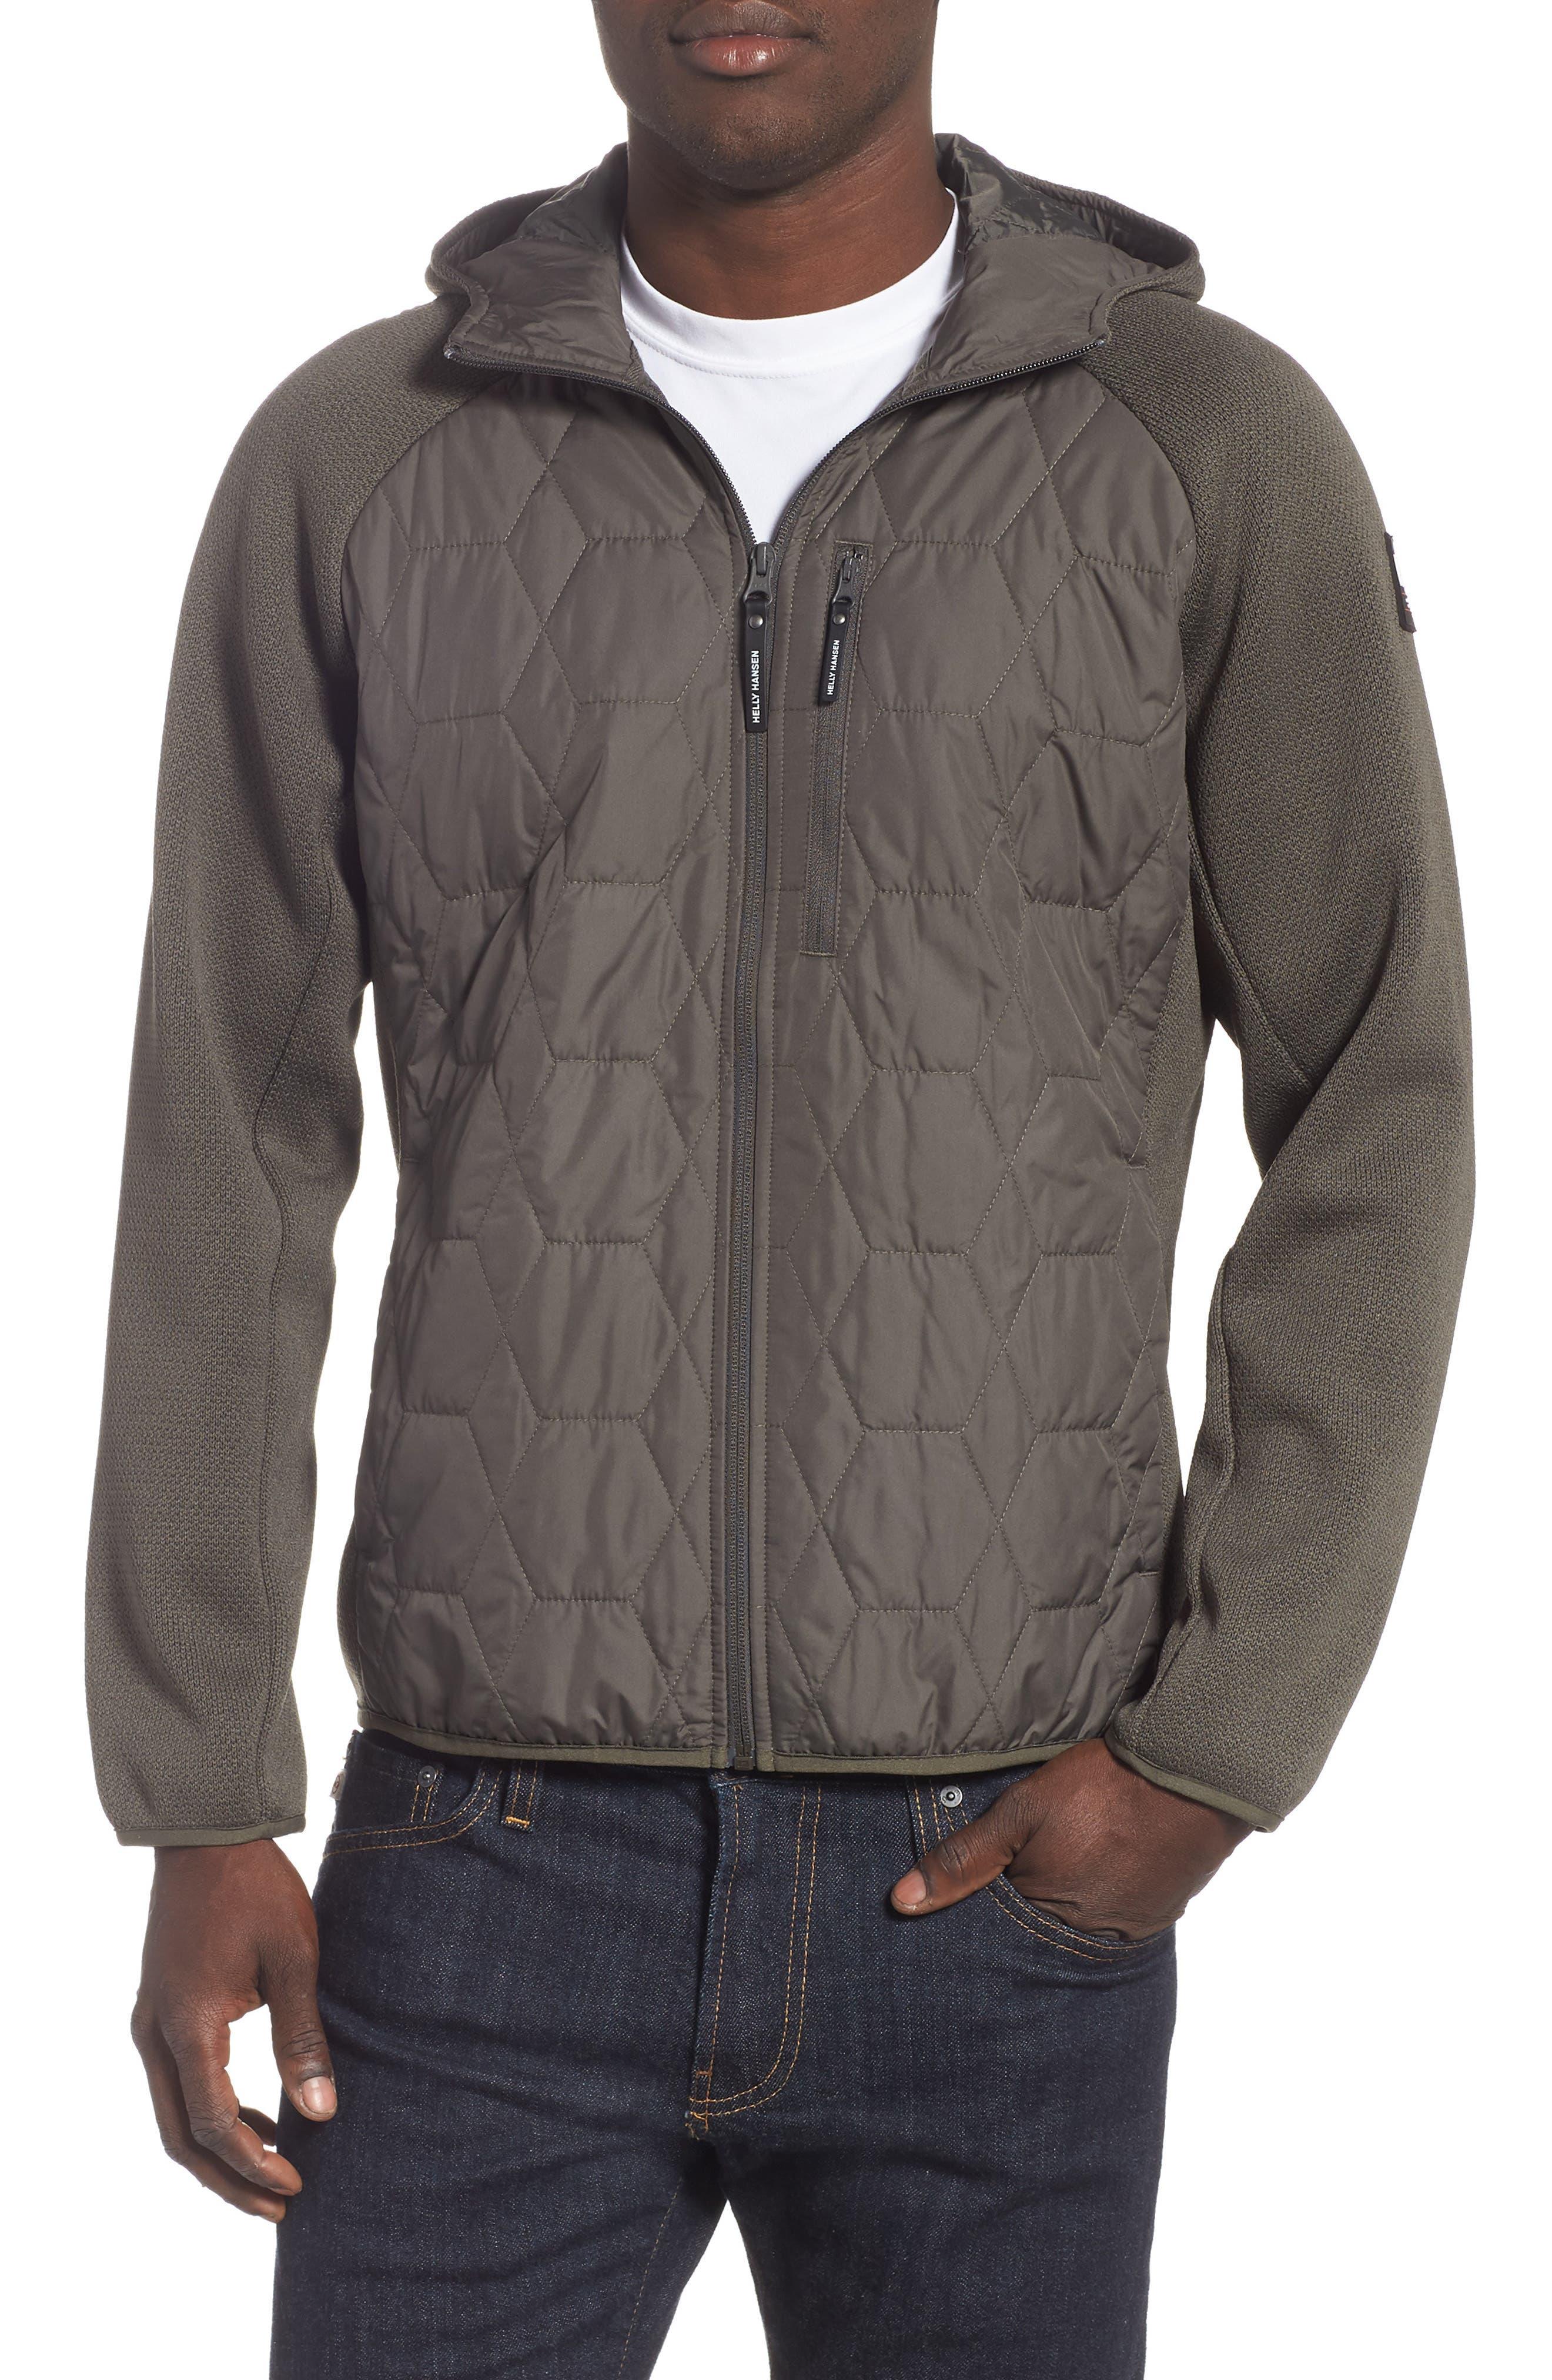 f6319e4f7f92 Helly Hansen Women s   Men s Jackets   Outerwear